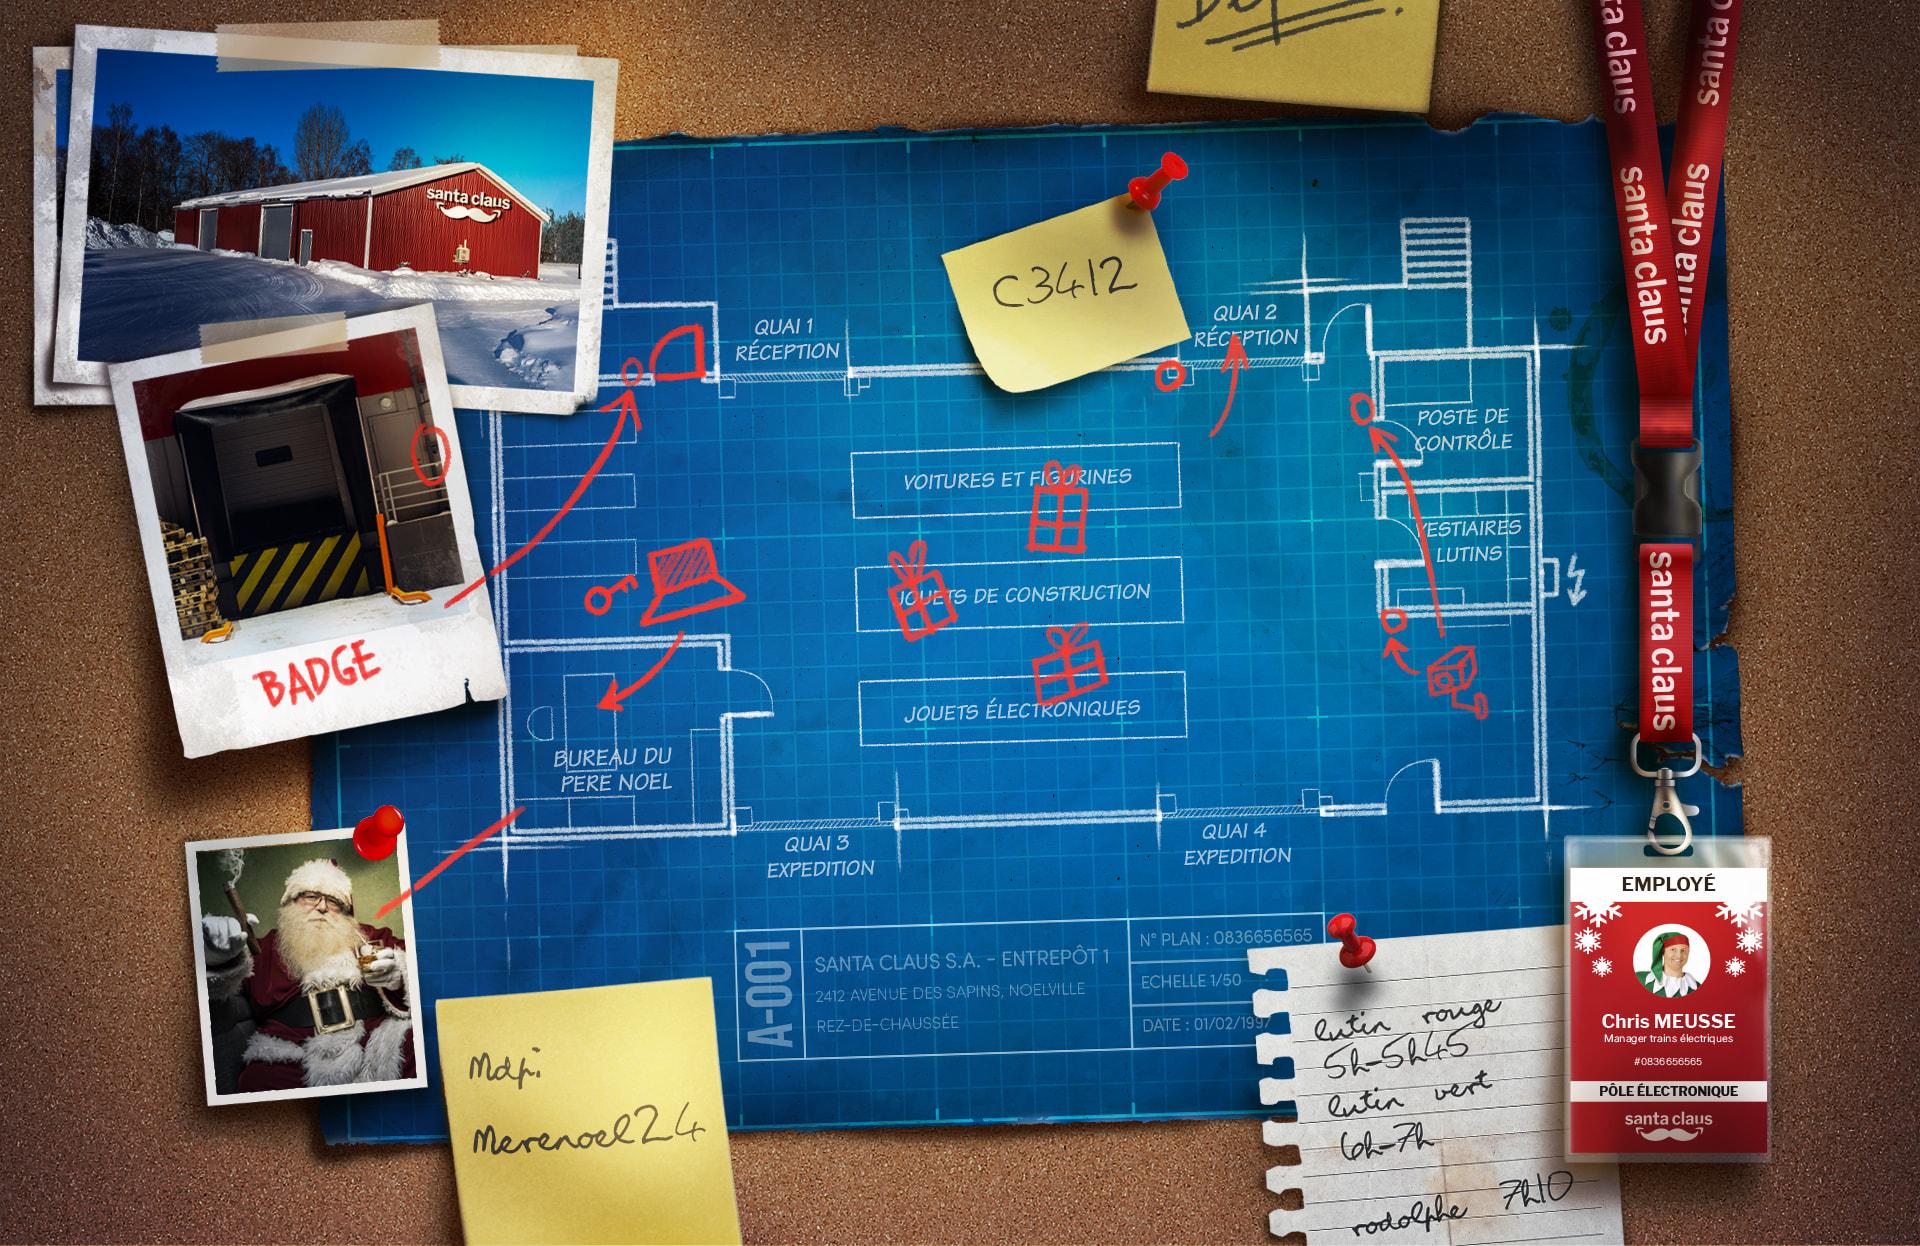 Tableau de liège présentant plusieurs indices d'escape game sur un thème braquage